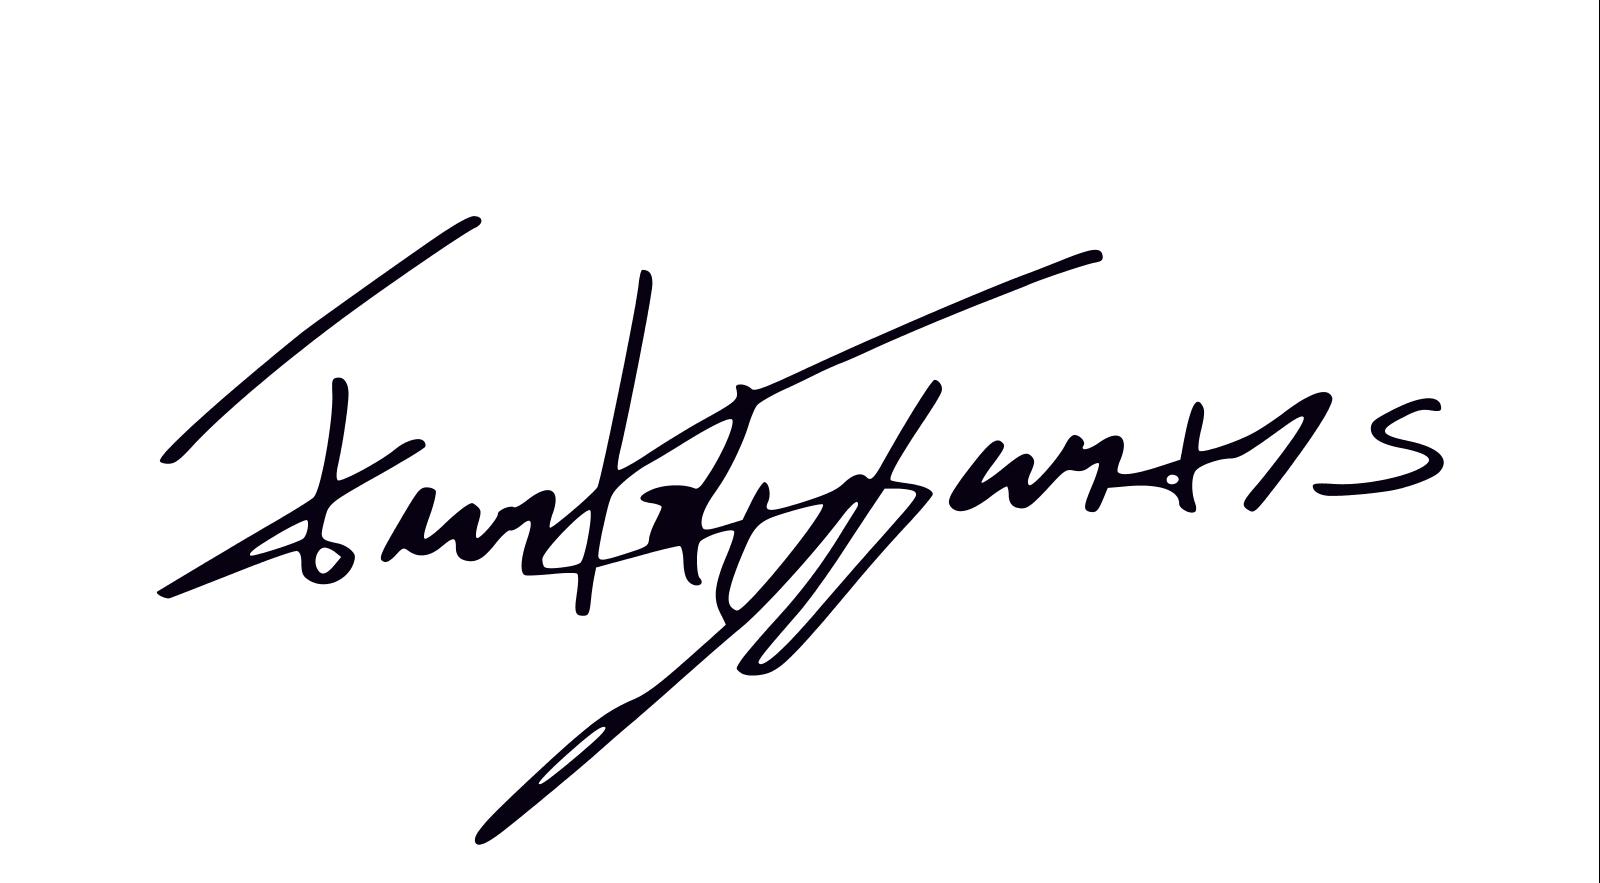 Funky  Taurus's Signature